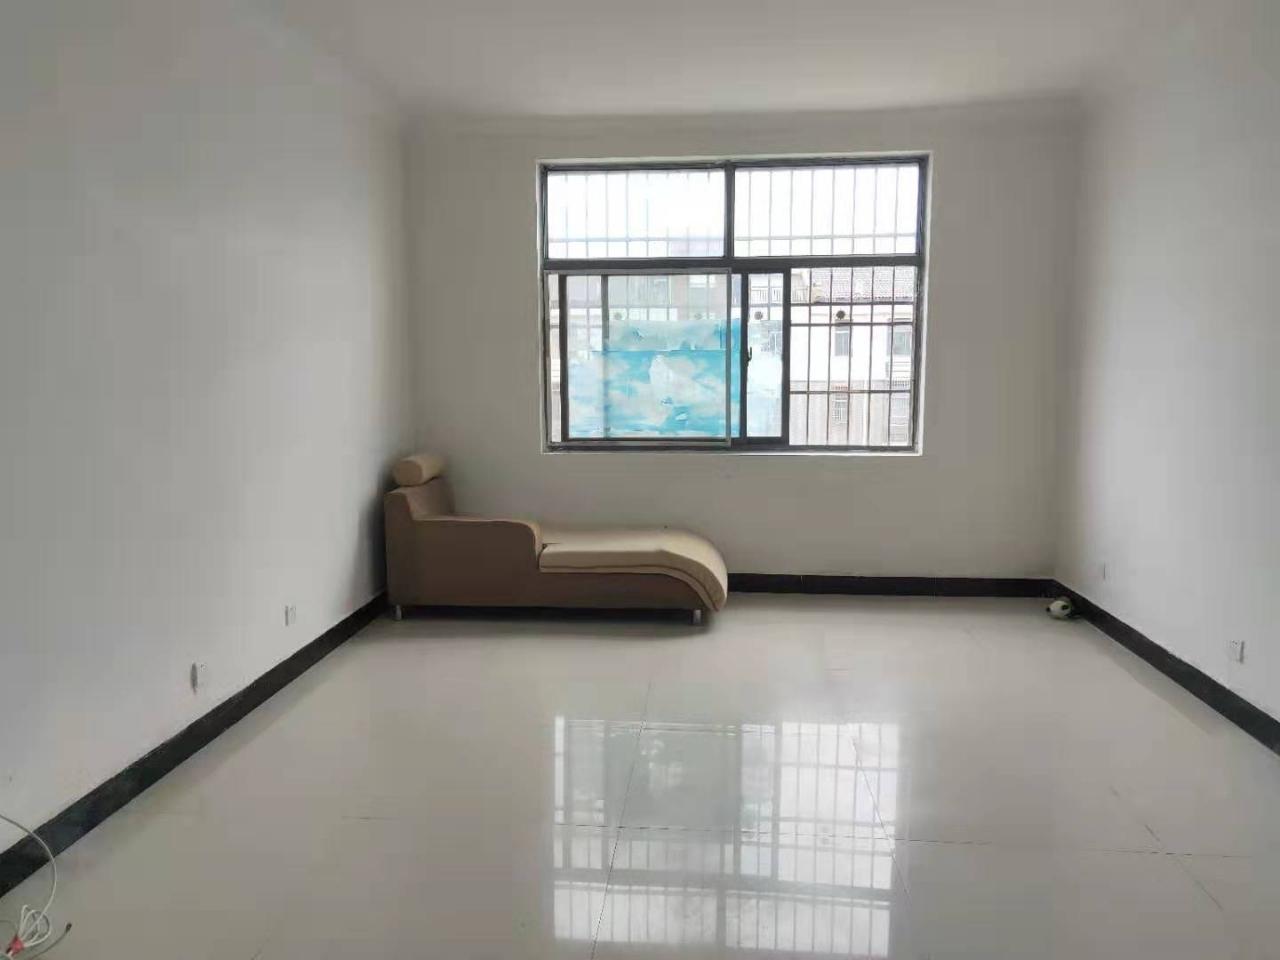 紫云山莊2室 1廳 1衛29萬元